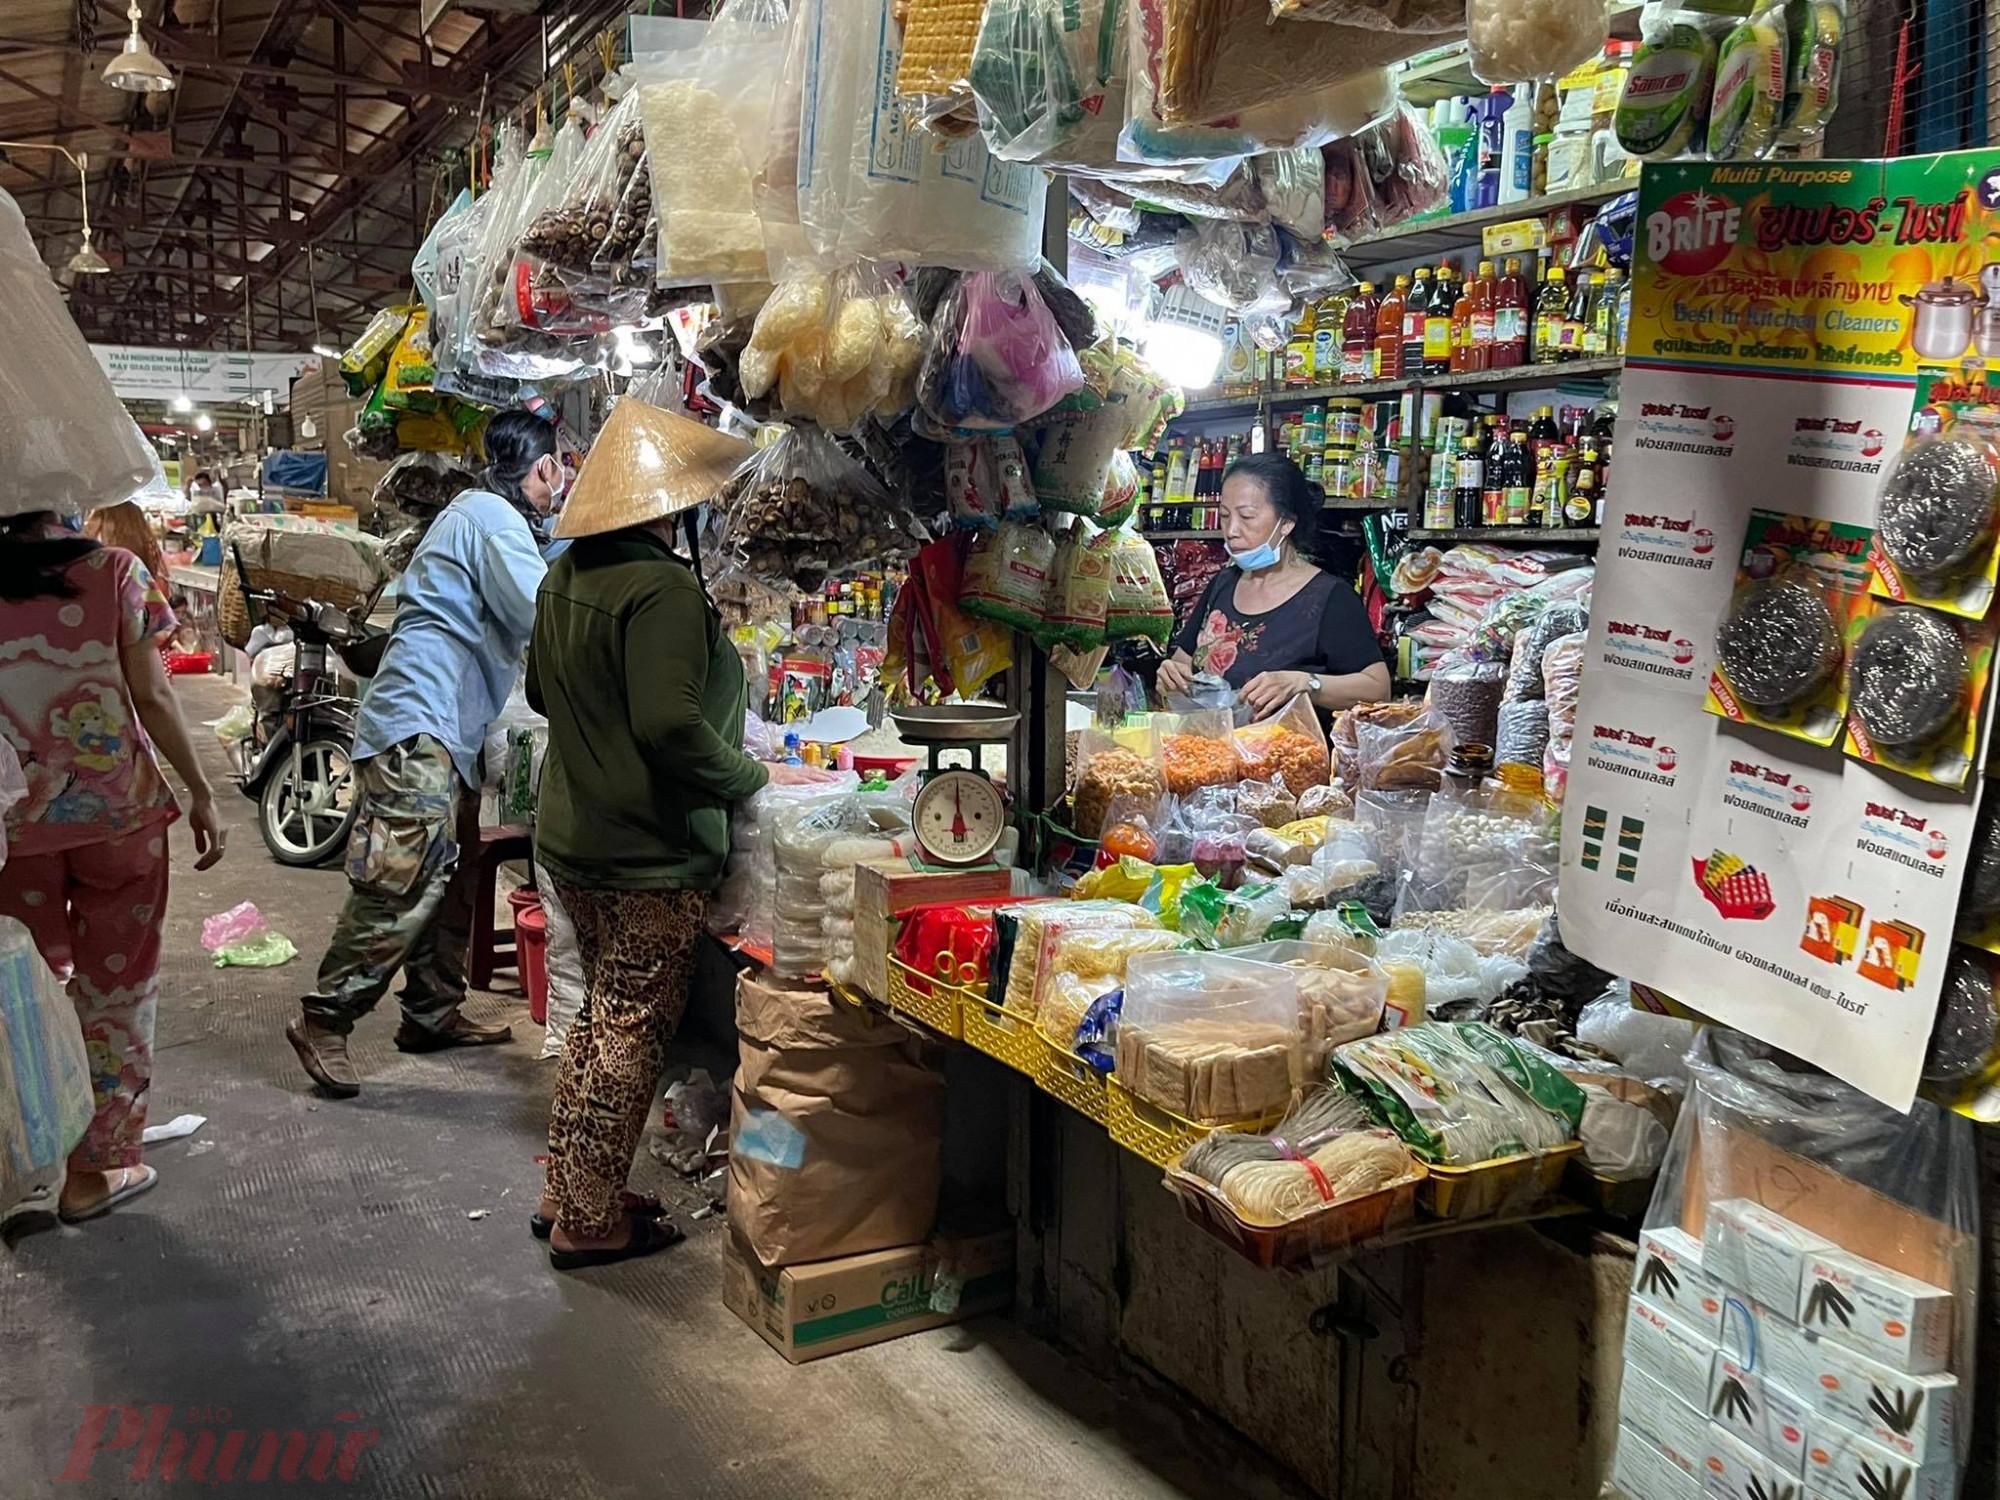 Với thiết kế đặc thù của chợ truyền thống, khó giãn cách 2m giữa khách với khách, người bán với người mua.